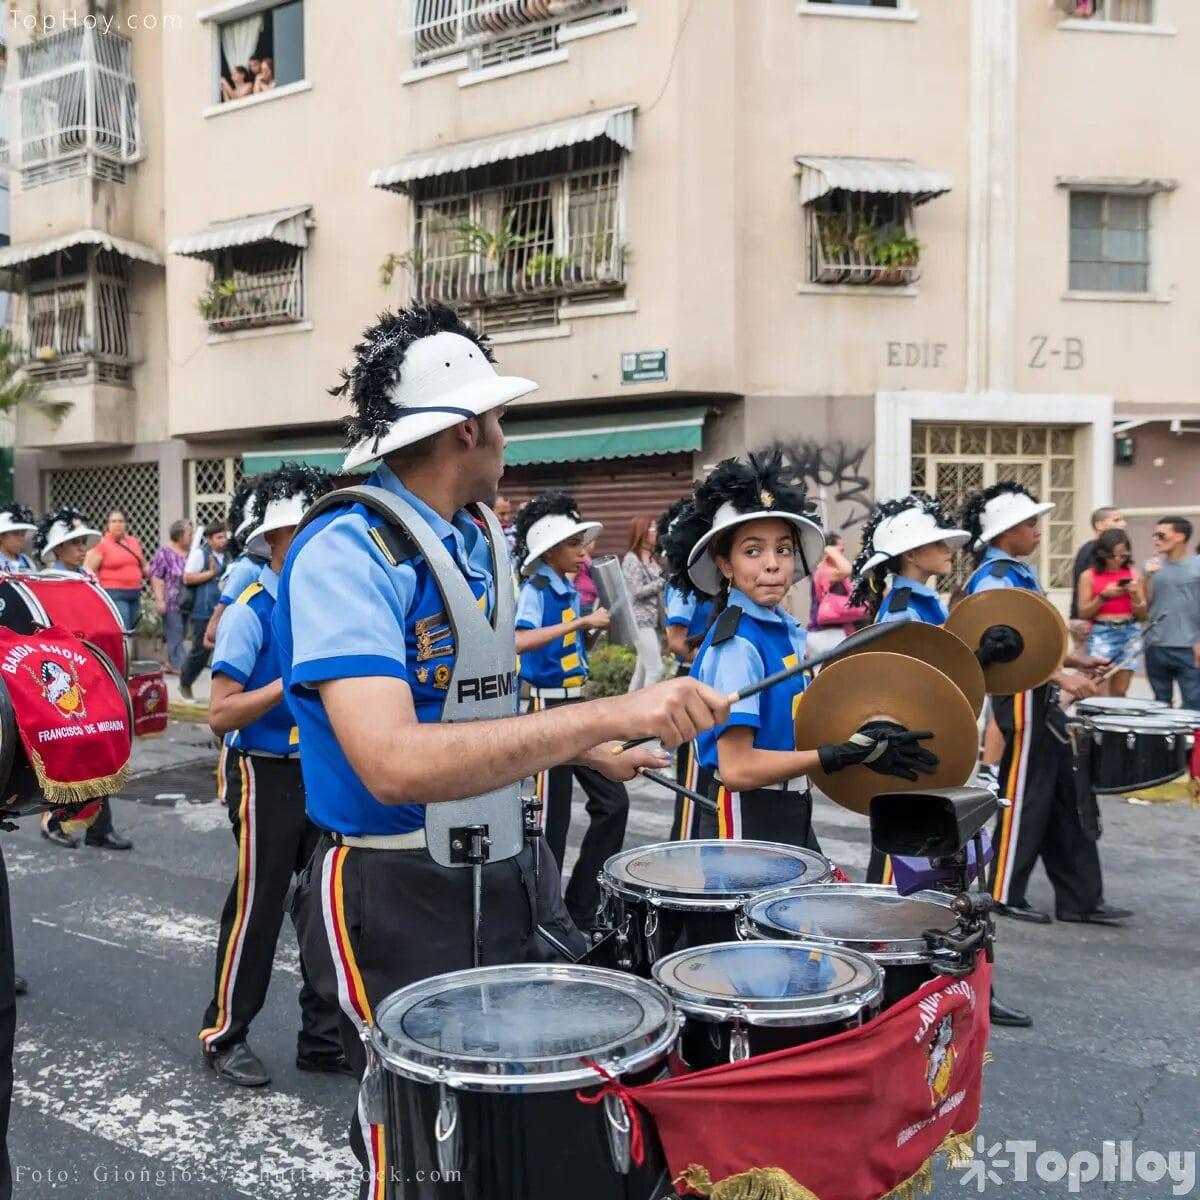 Una de las principales tradiciones en Venezuela es bailar al son de los tambores. Es la música protagonista en cualquier fiesta, pero cada 24 de junio suenan en honor a San Juan.